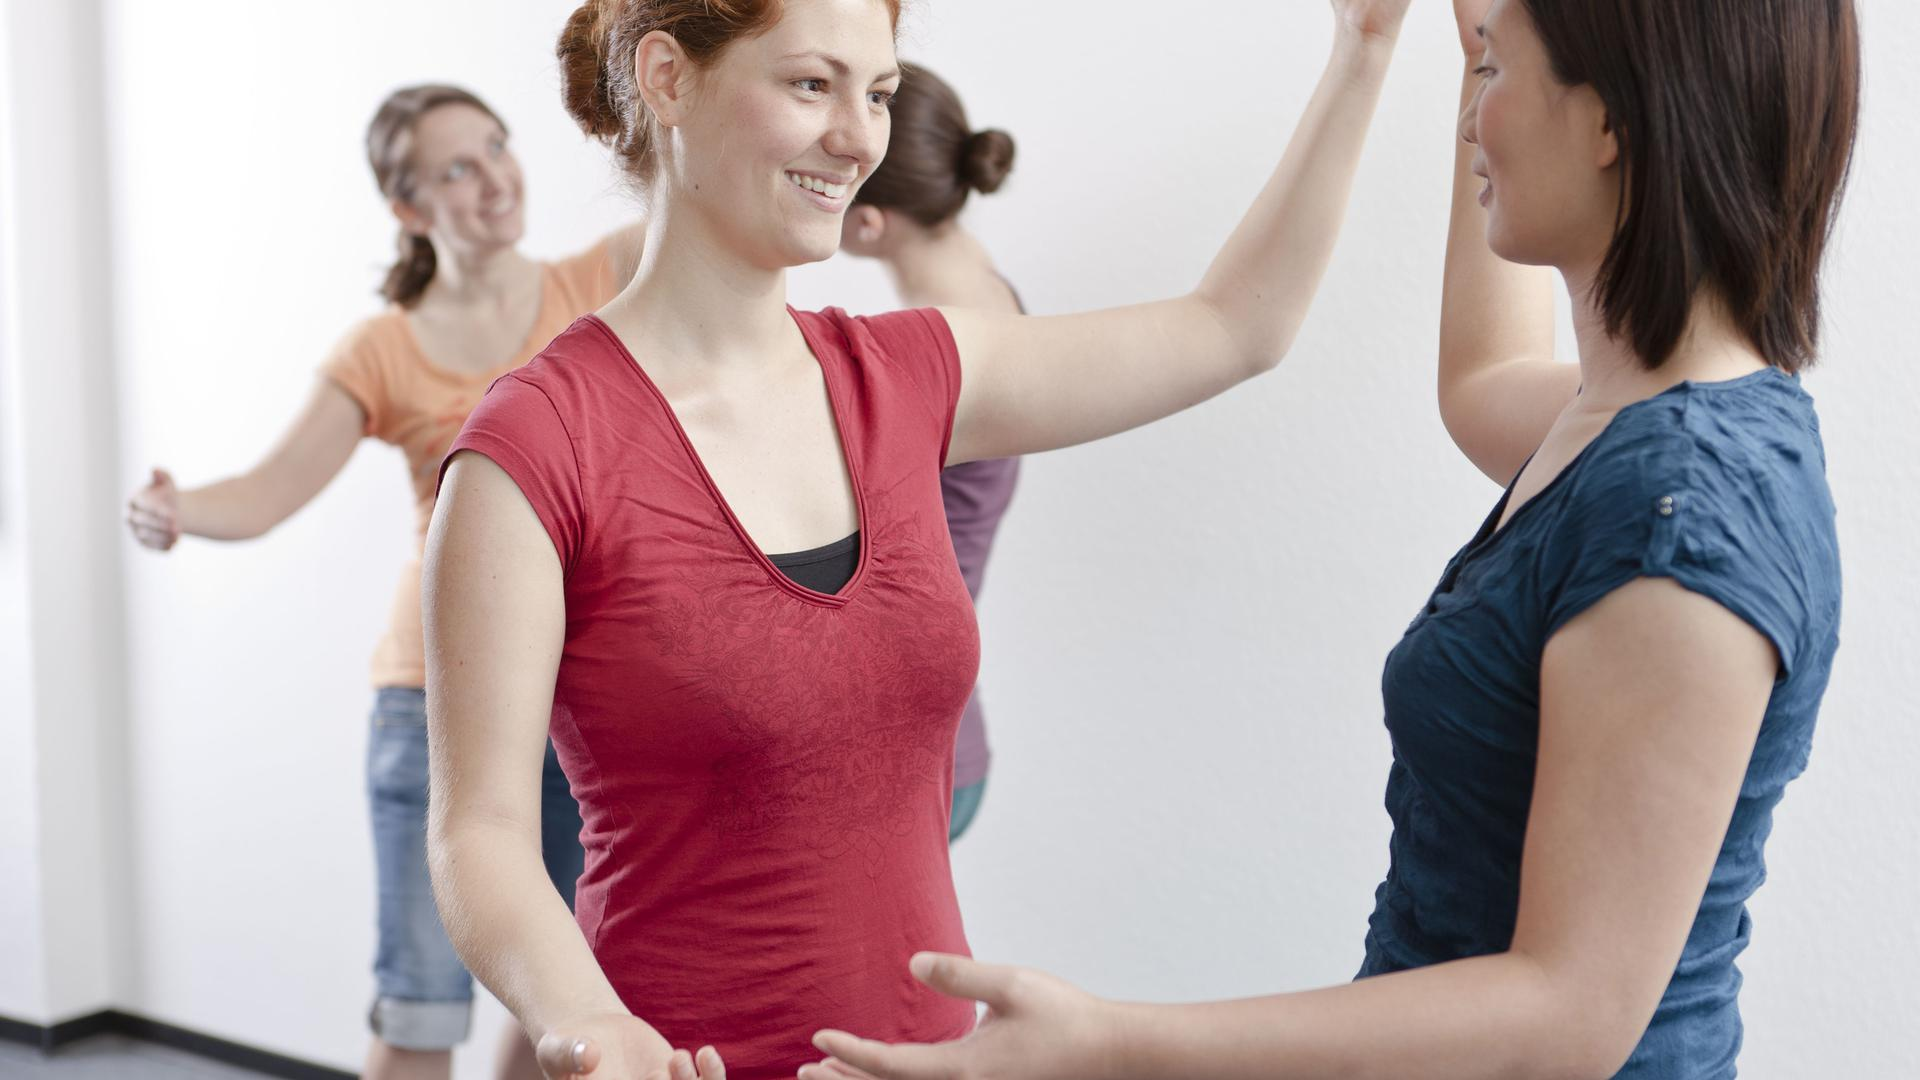 Zwei Frauen tanzen